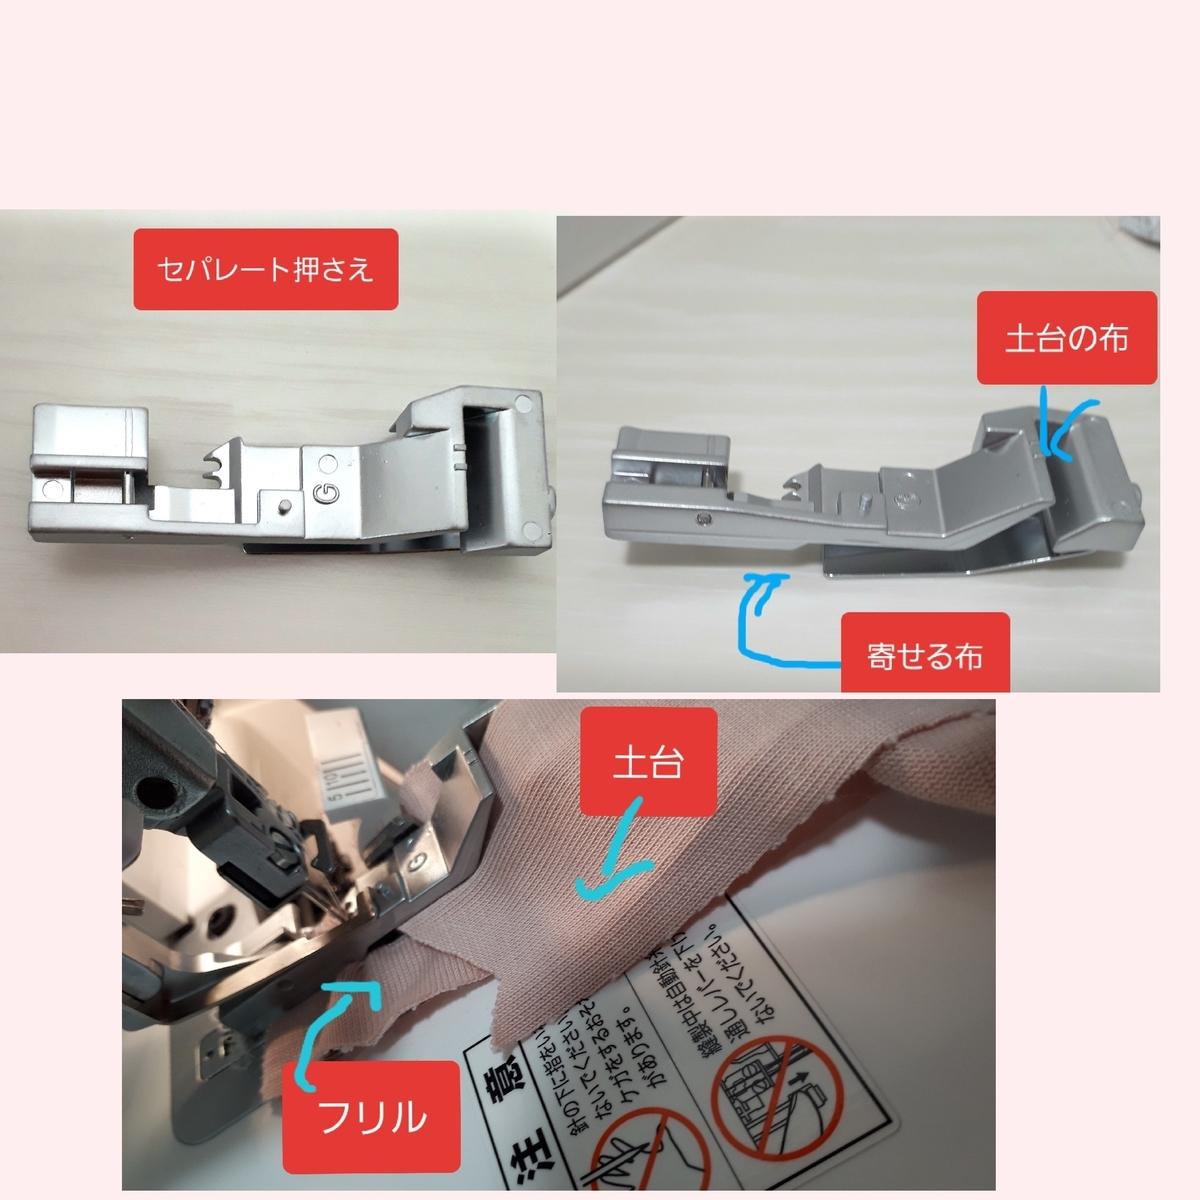 f:id:misami-33:20201202225134j:plain